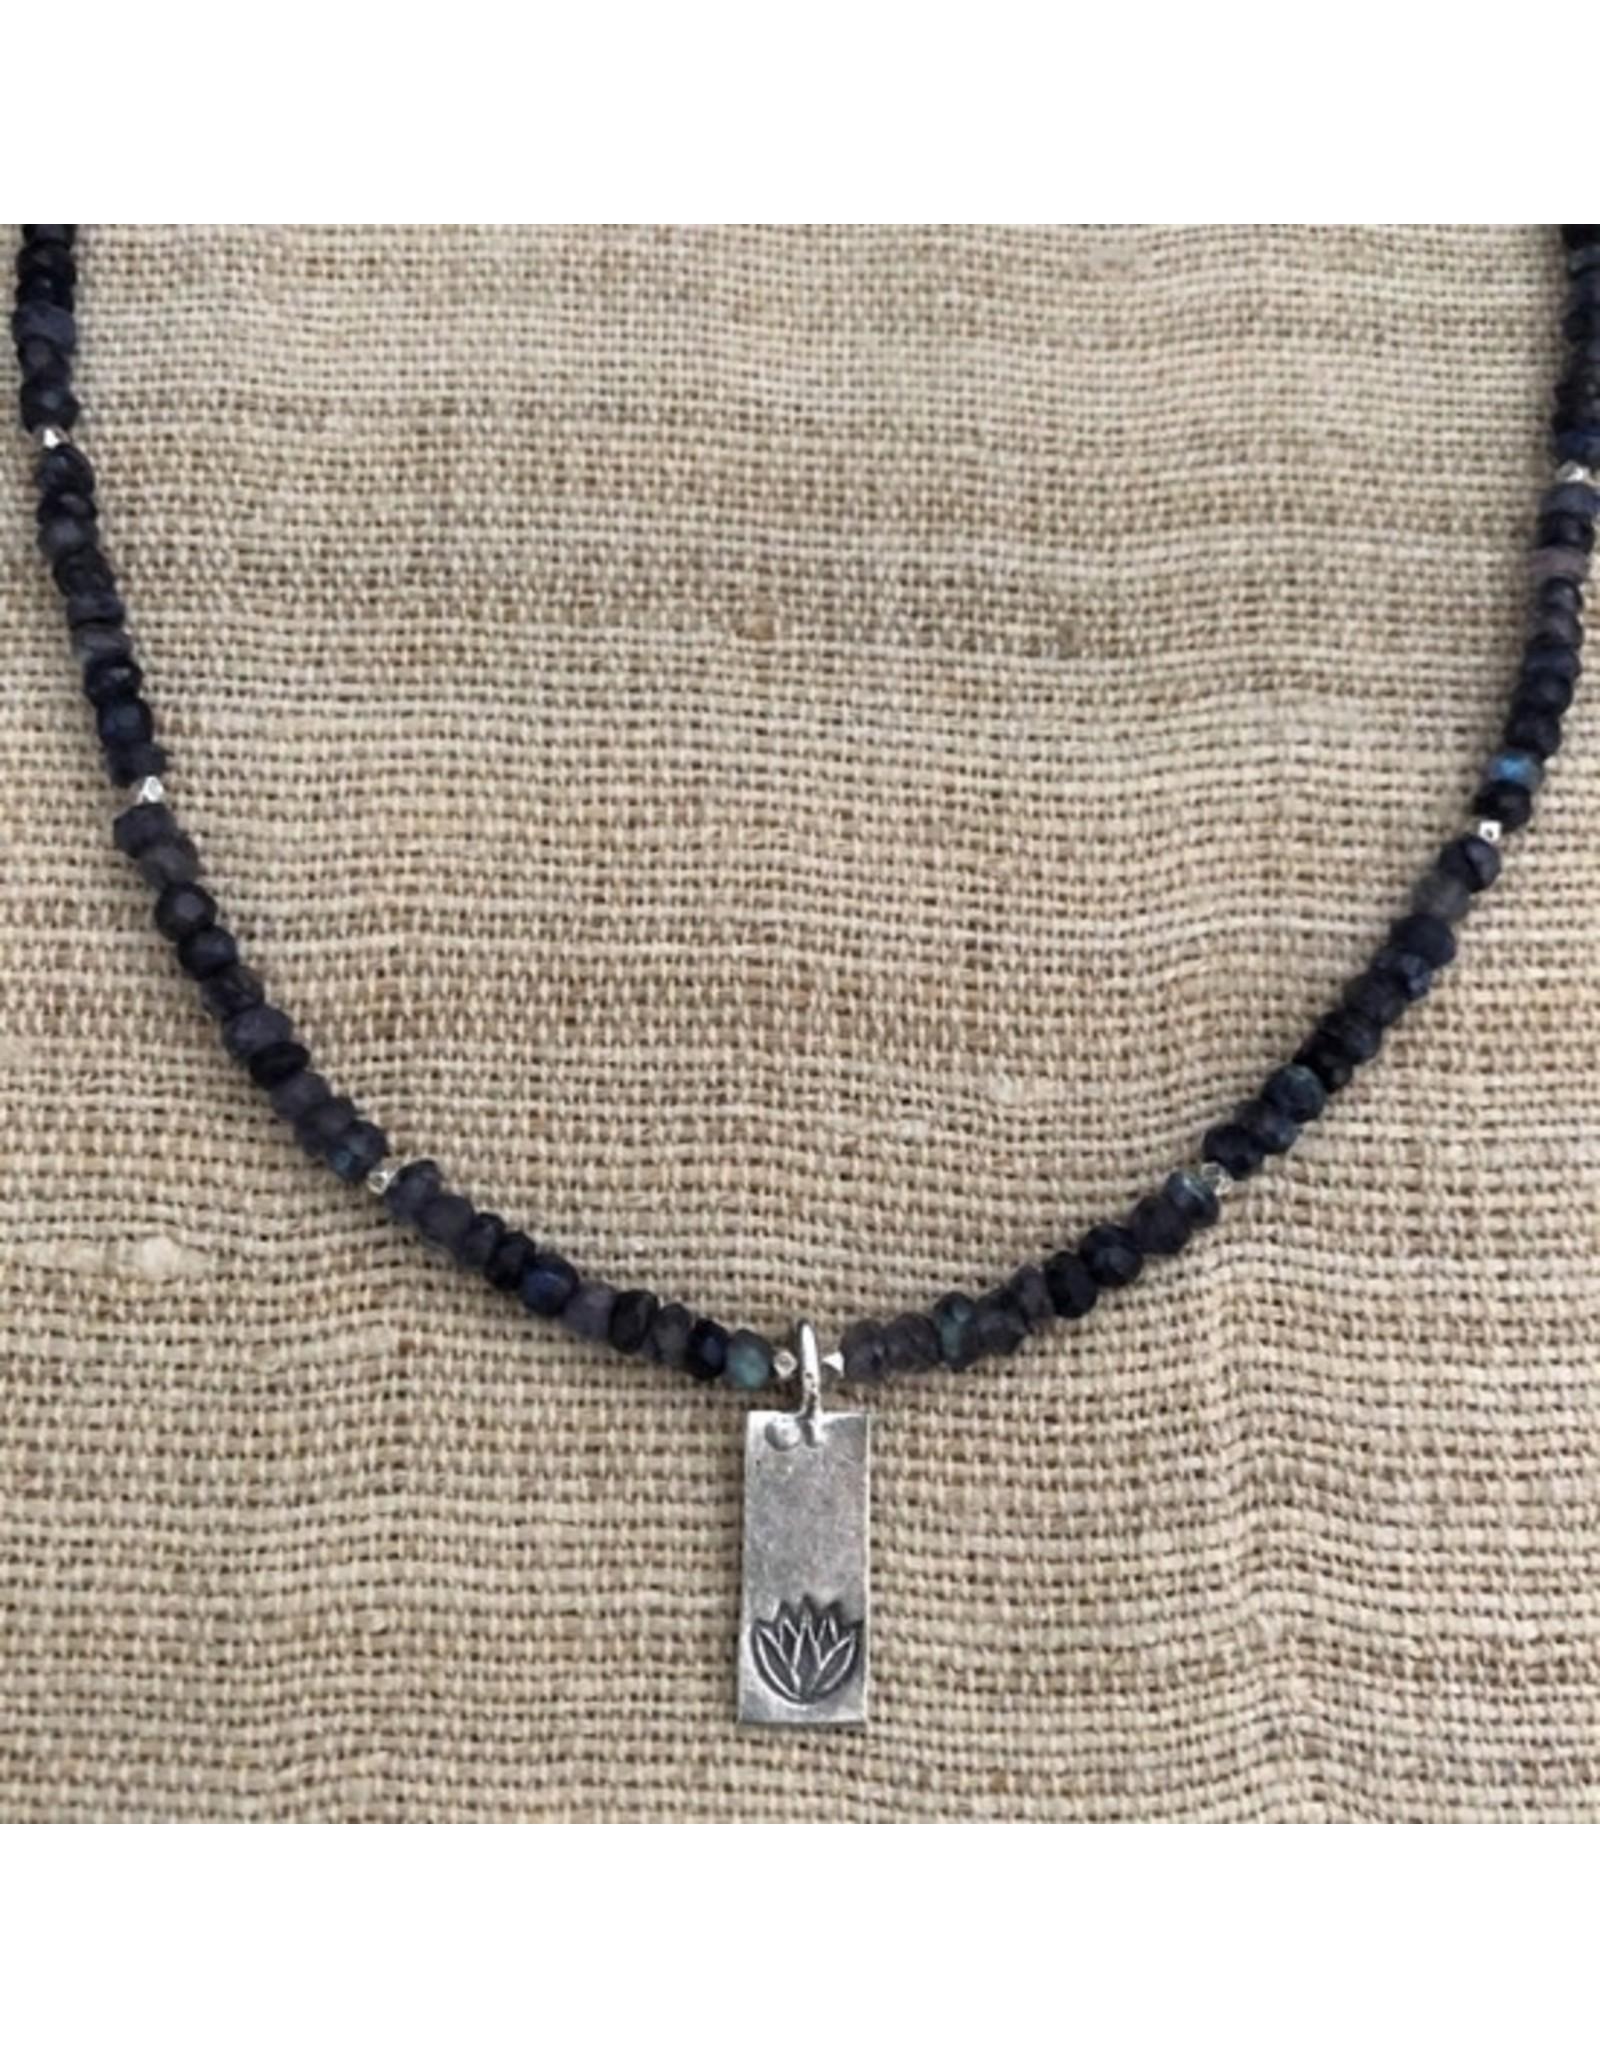 Blue Lotus Karen Silver Necklace